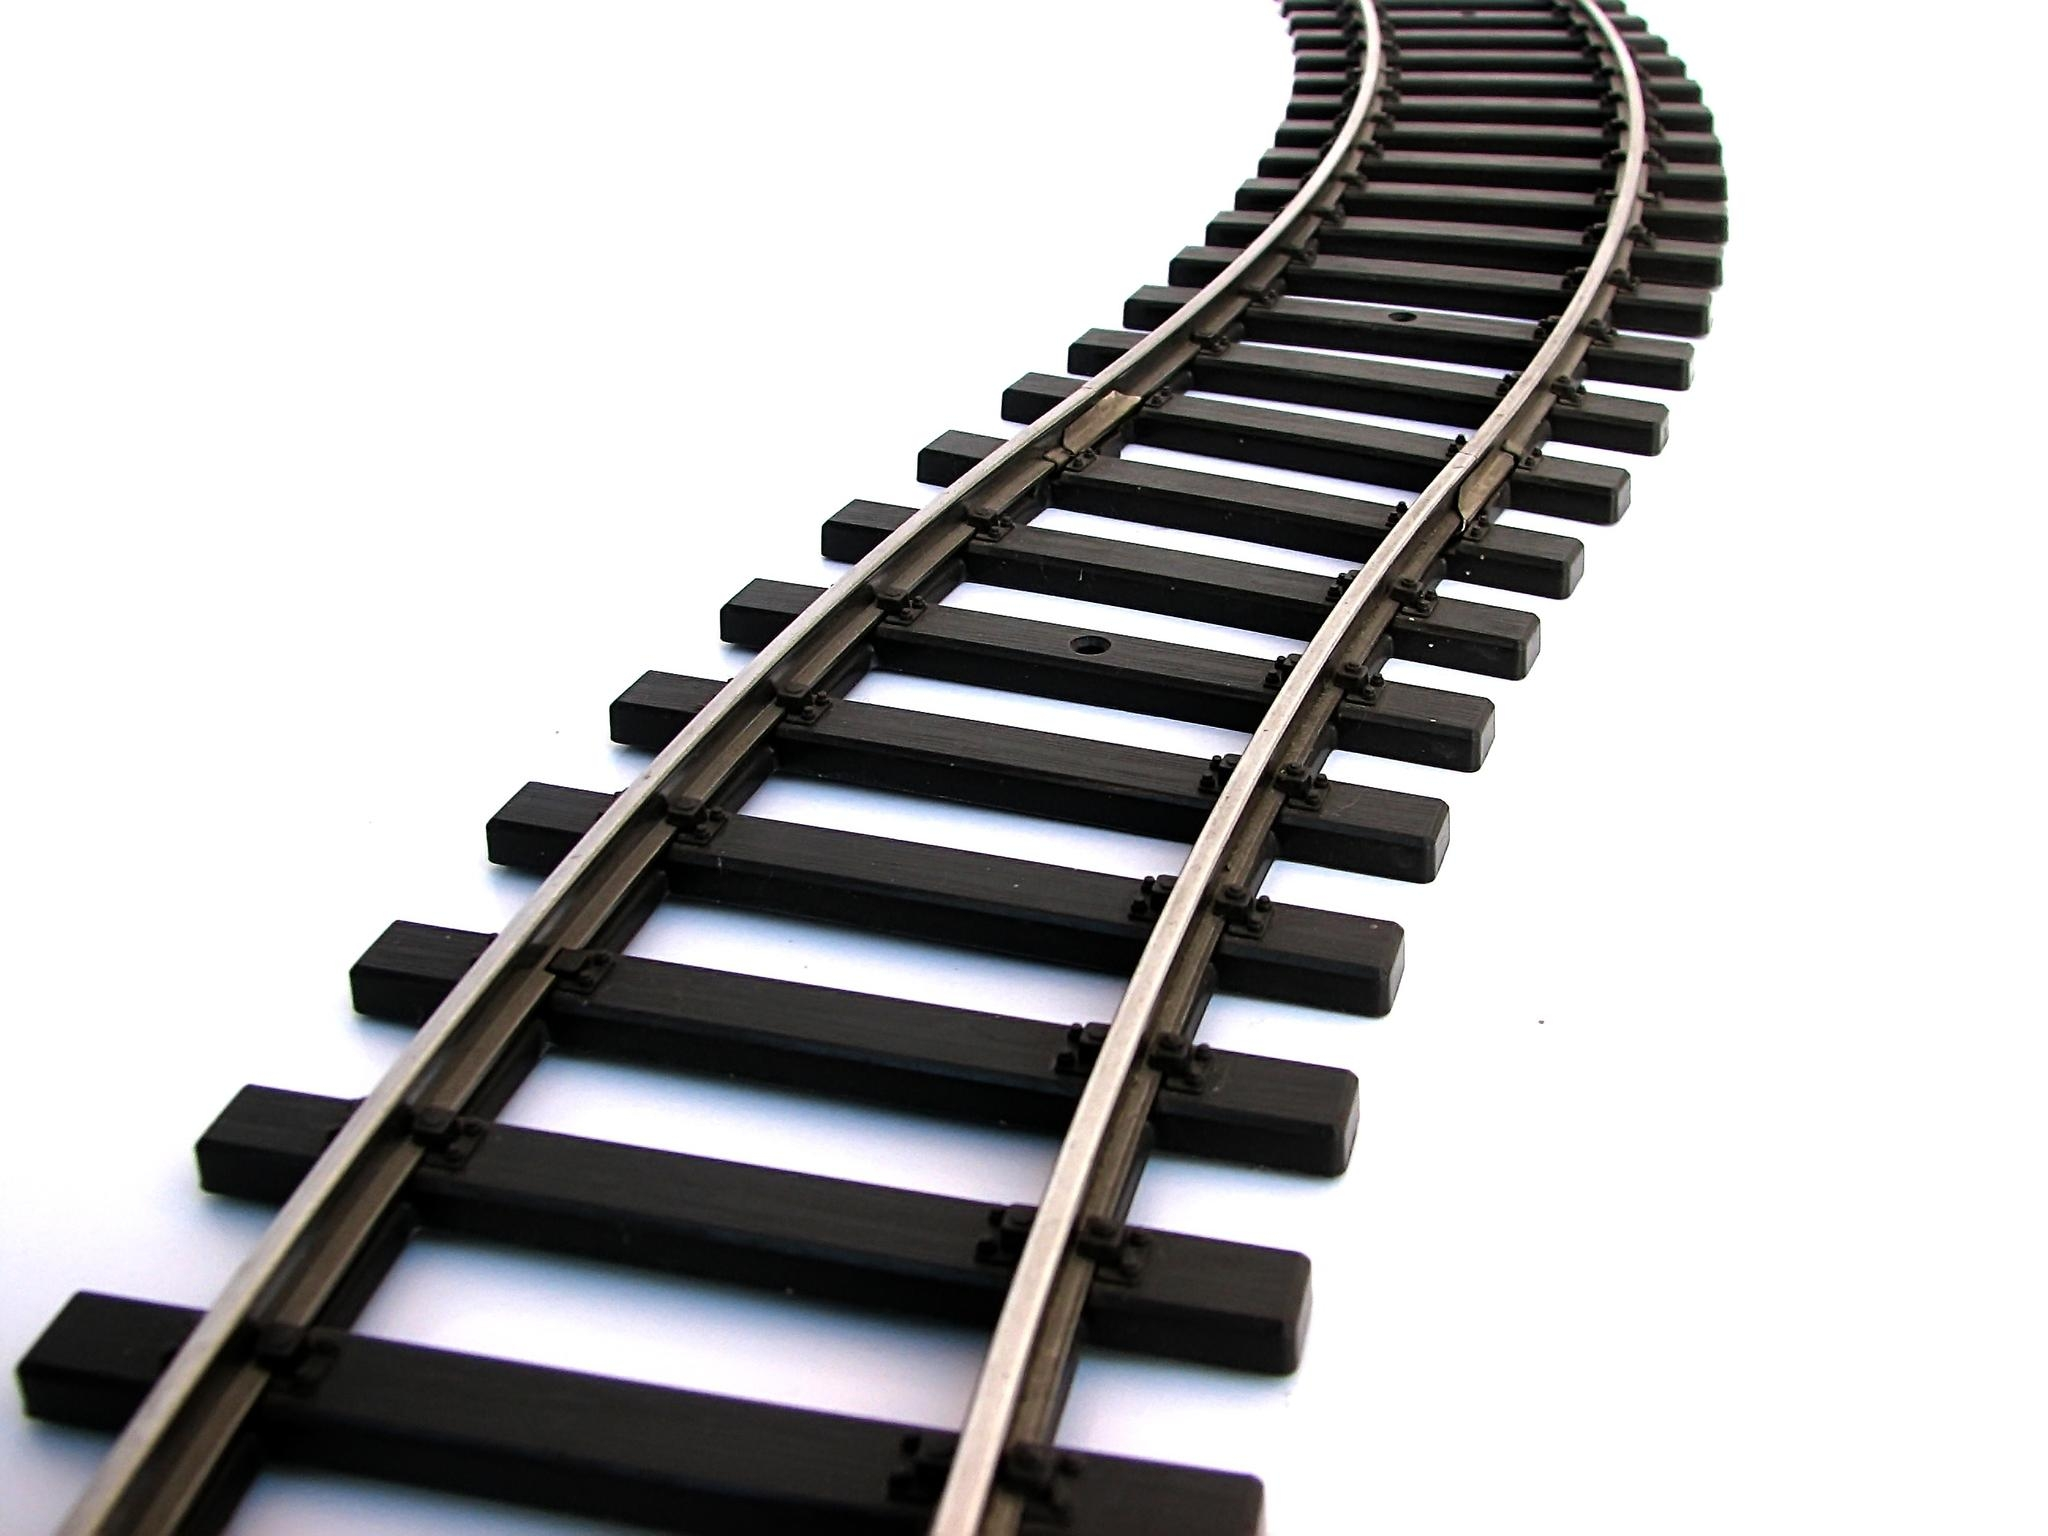 clip royalty free library Unique train tracks clip. Railroad clipart.